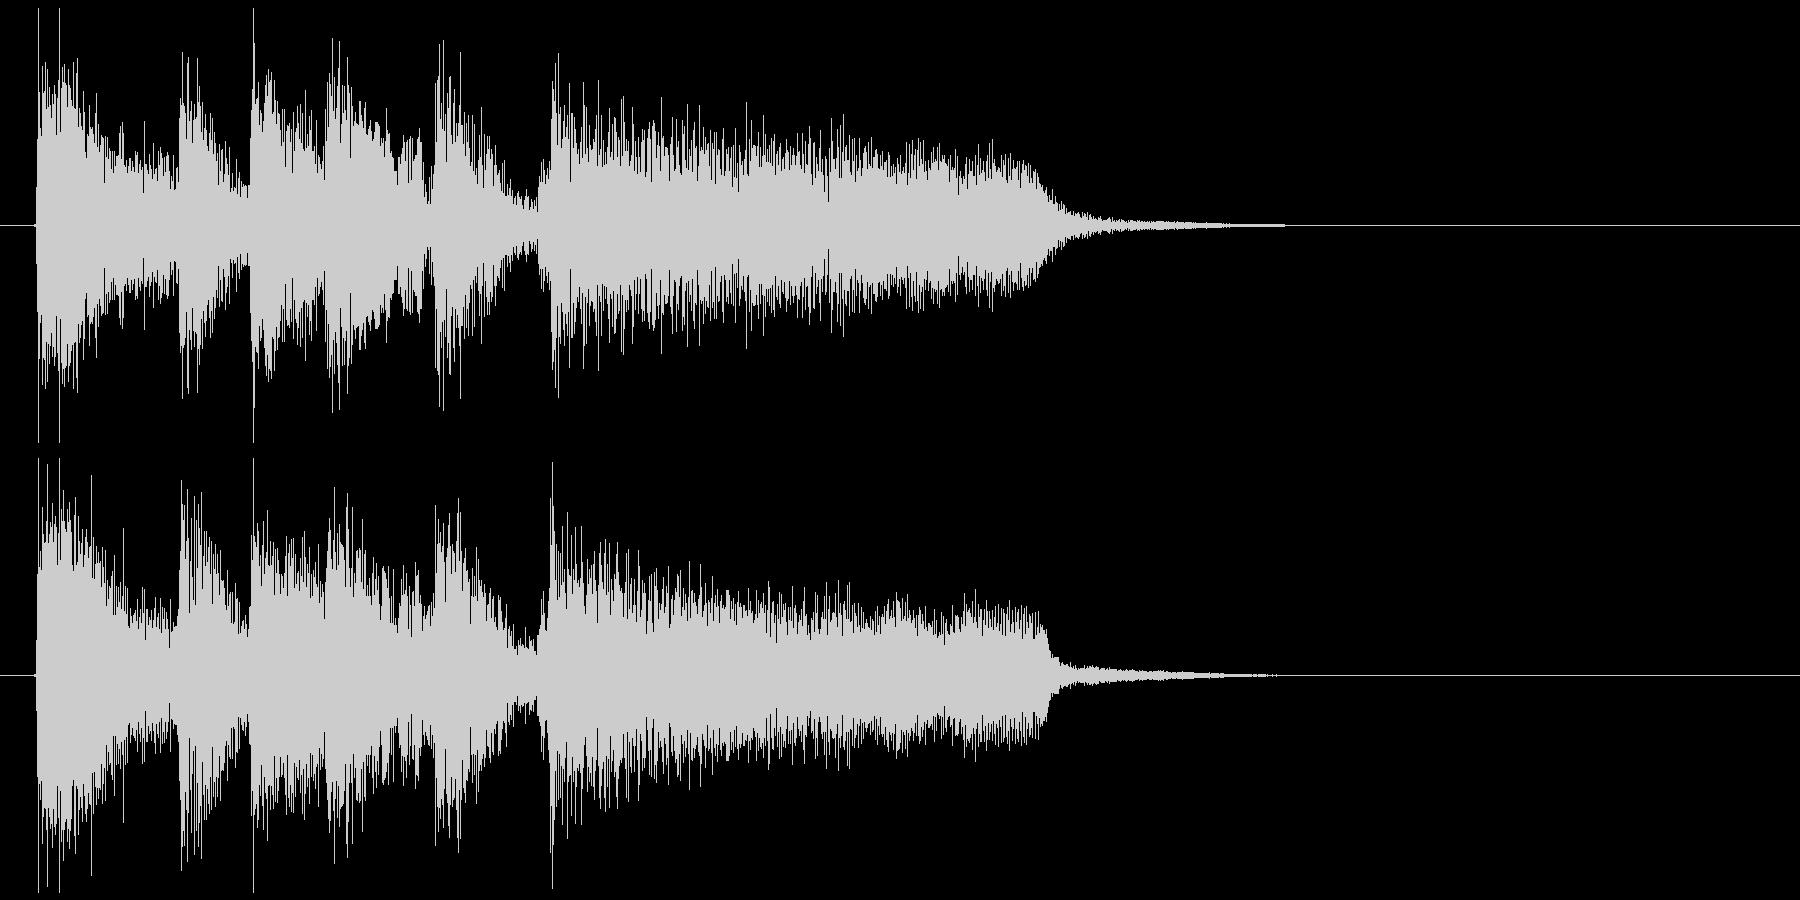 結果発表にブラス、ジャズ系のサウンドロゴの未再生の波形